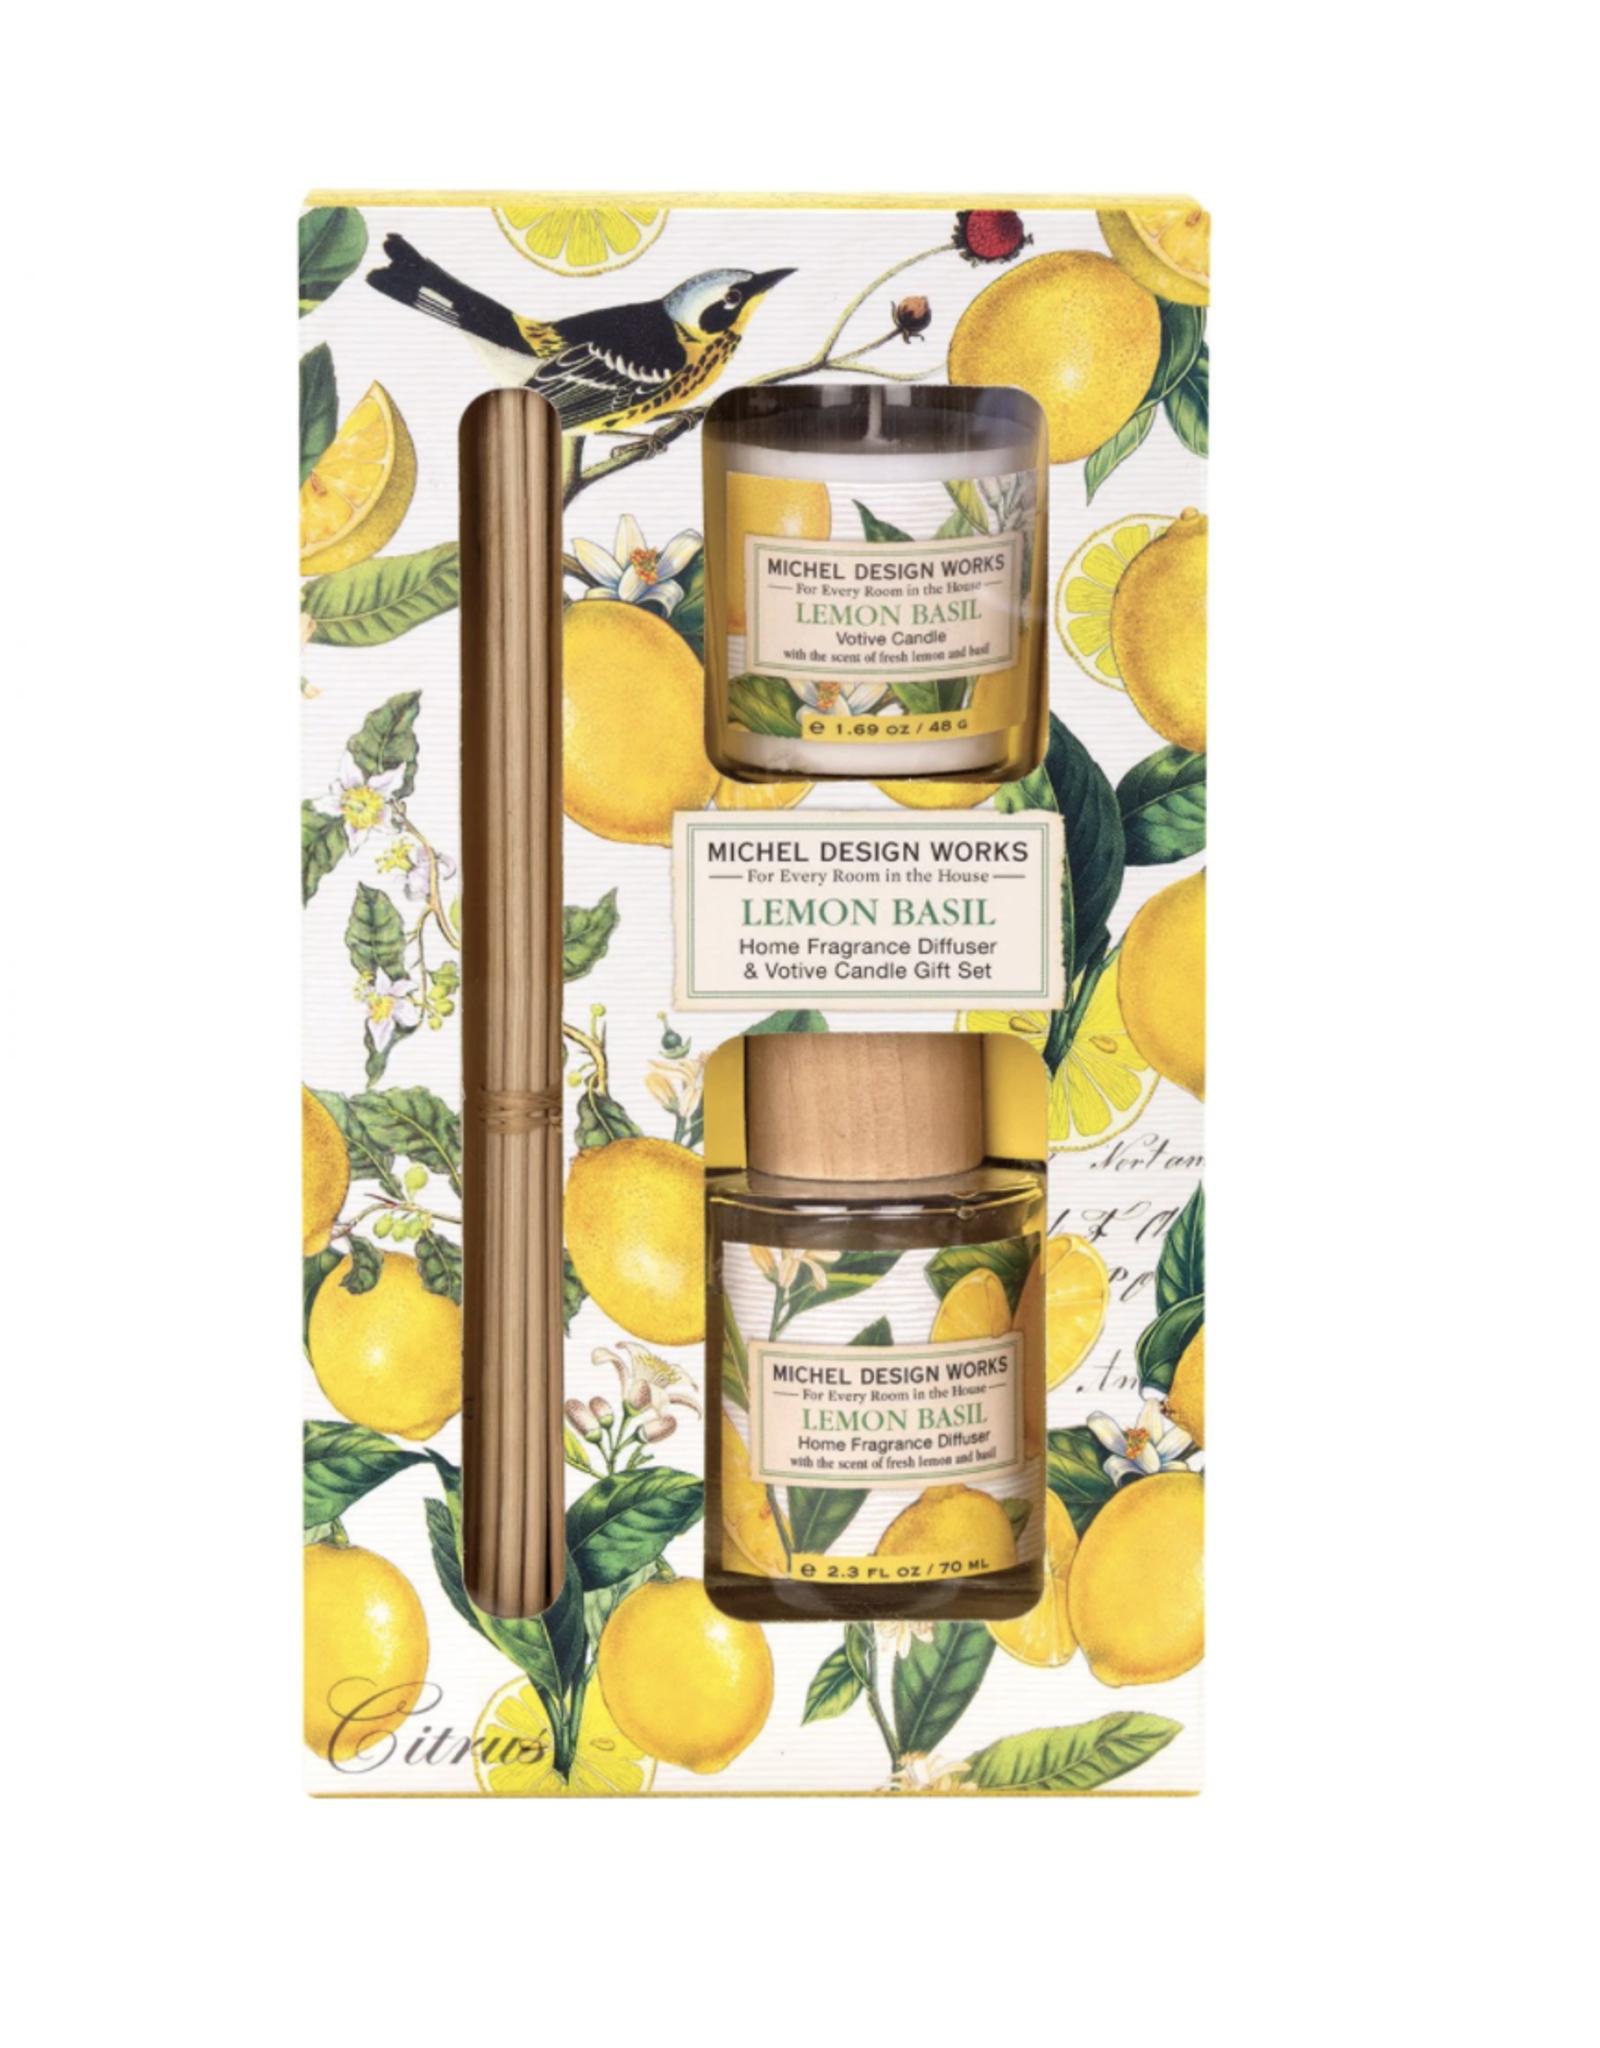 Michel Design Works Michel Design Works - Lemon Basil Home Fragrance Diffuser & Votive Candle Gift Set